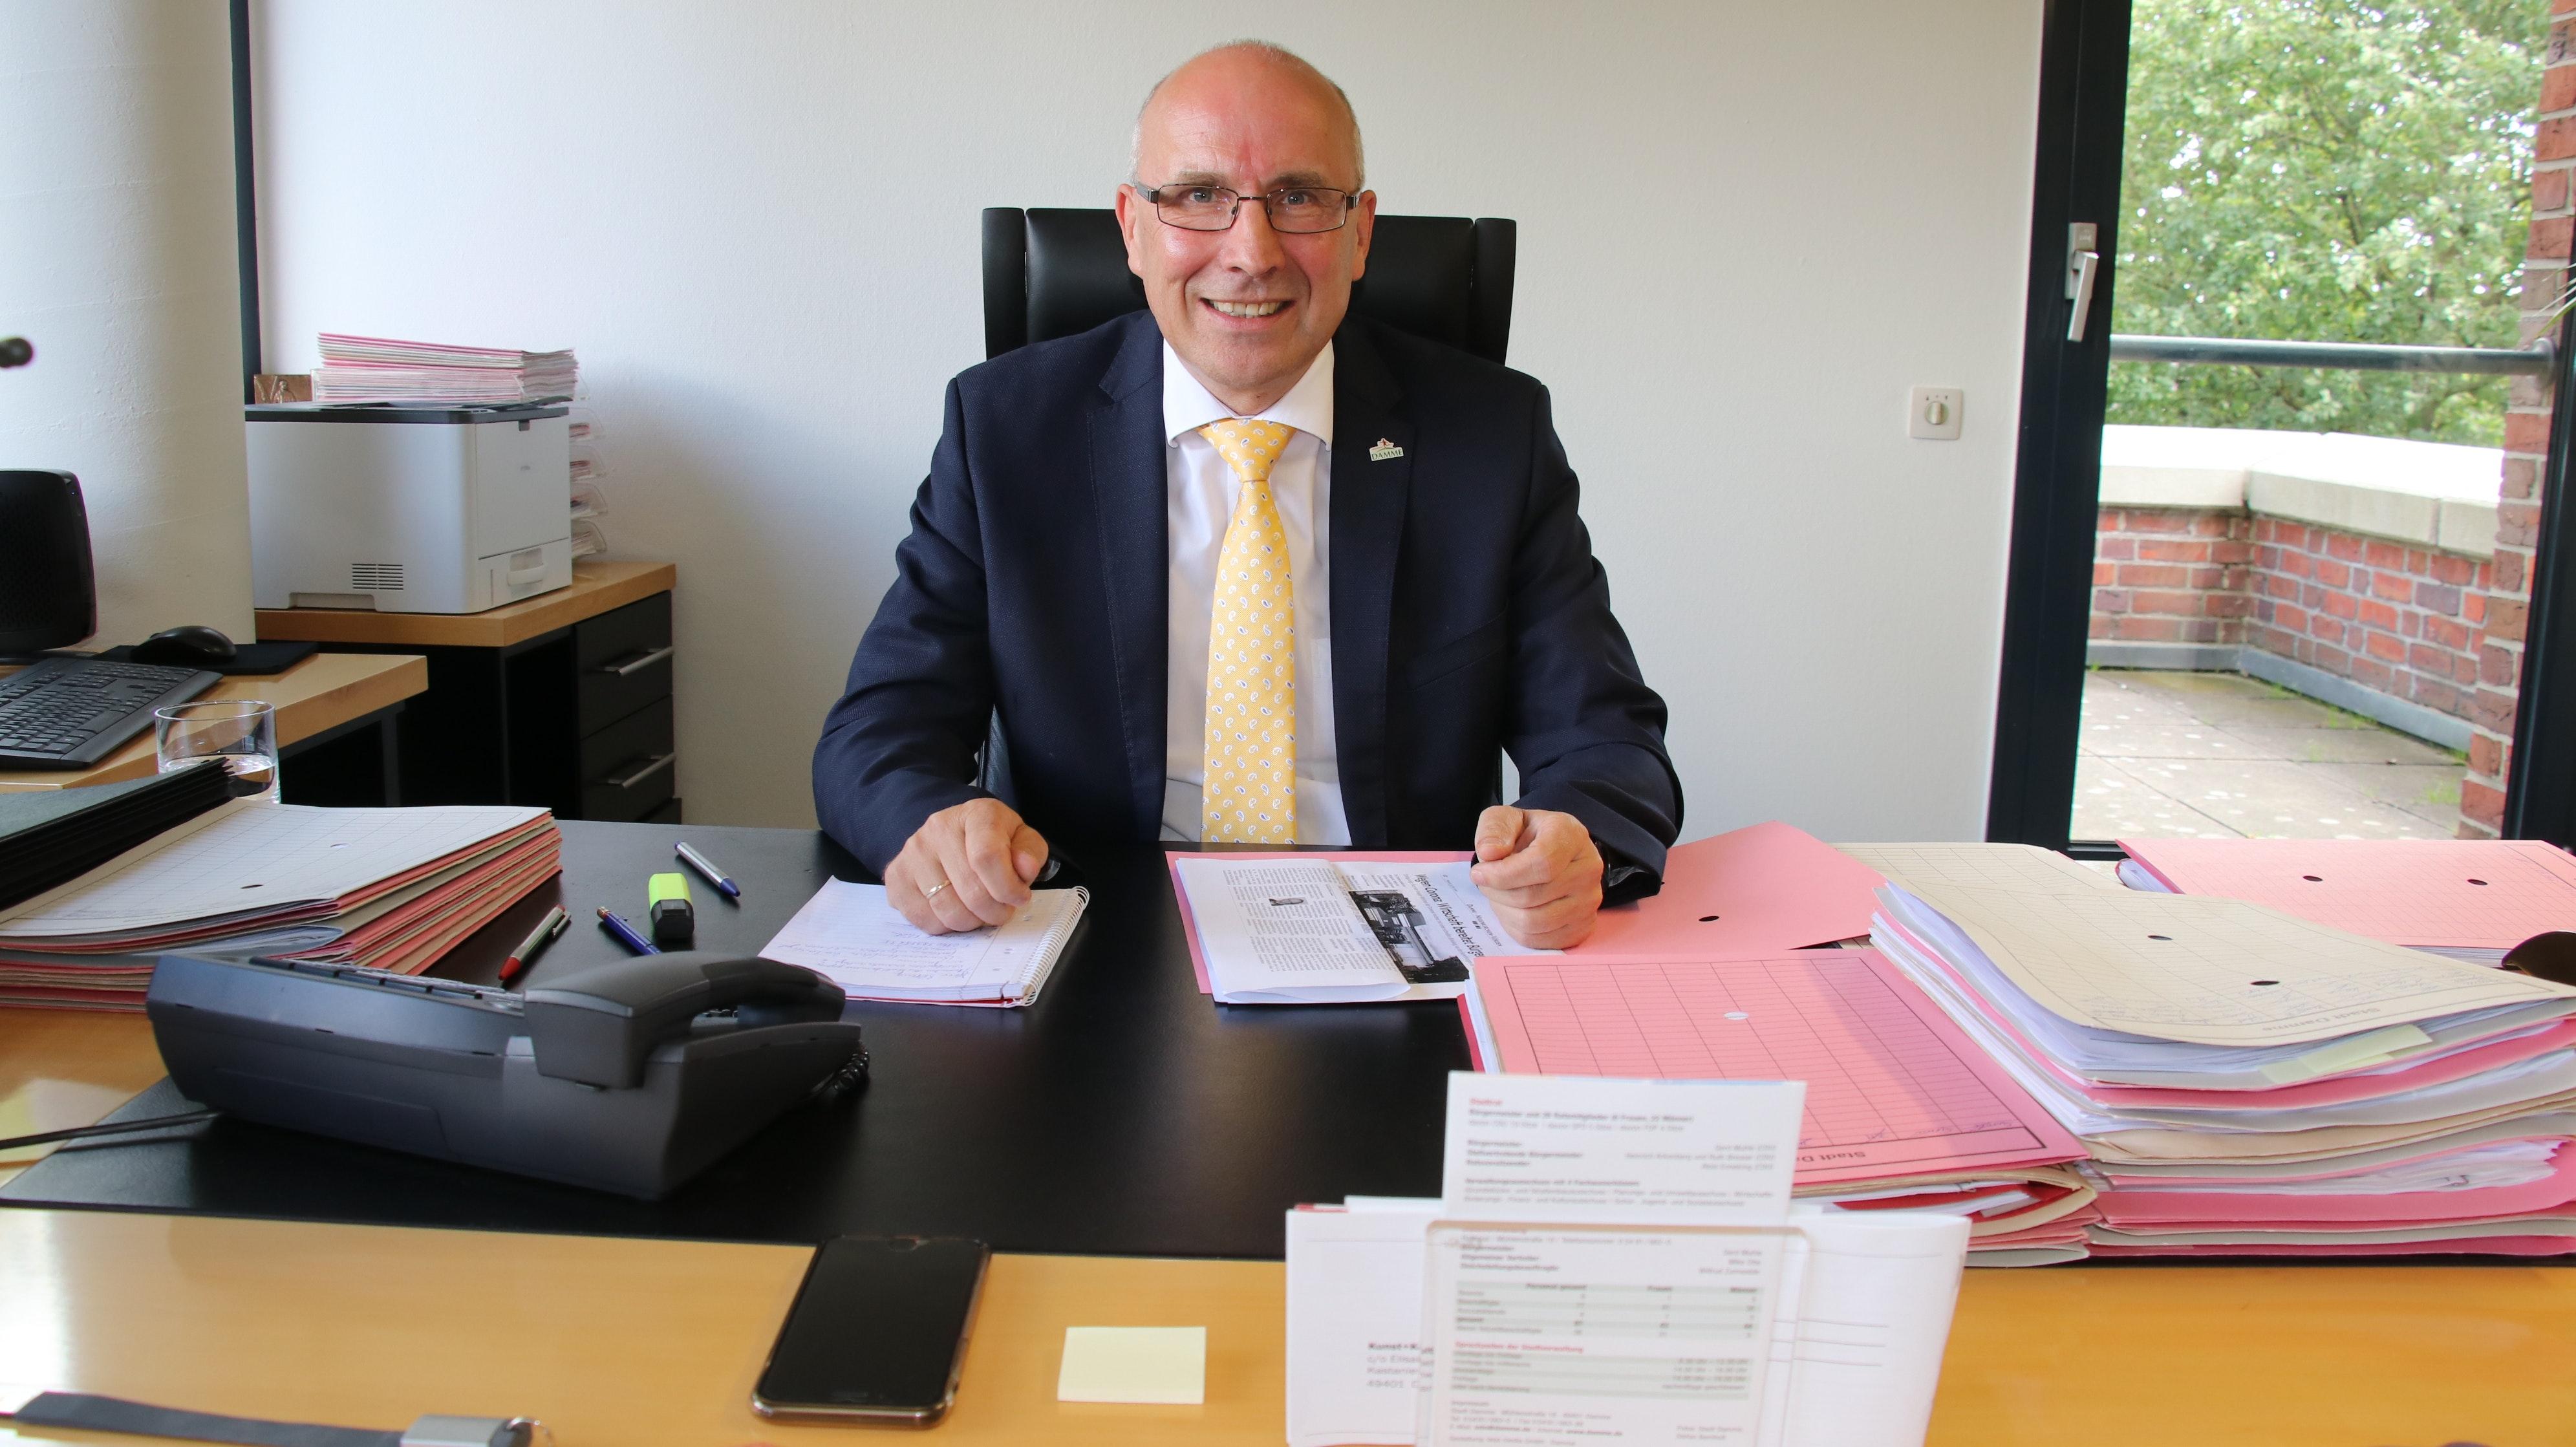 Die Entscheidung ist gefallen: Am 31. Oktober 2021 räumt Gerd Muhle sein Bürgermeisterbüro im Rathaus. Foto: Lammert